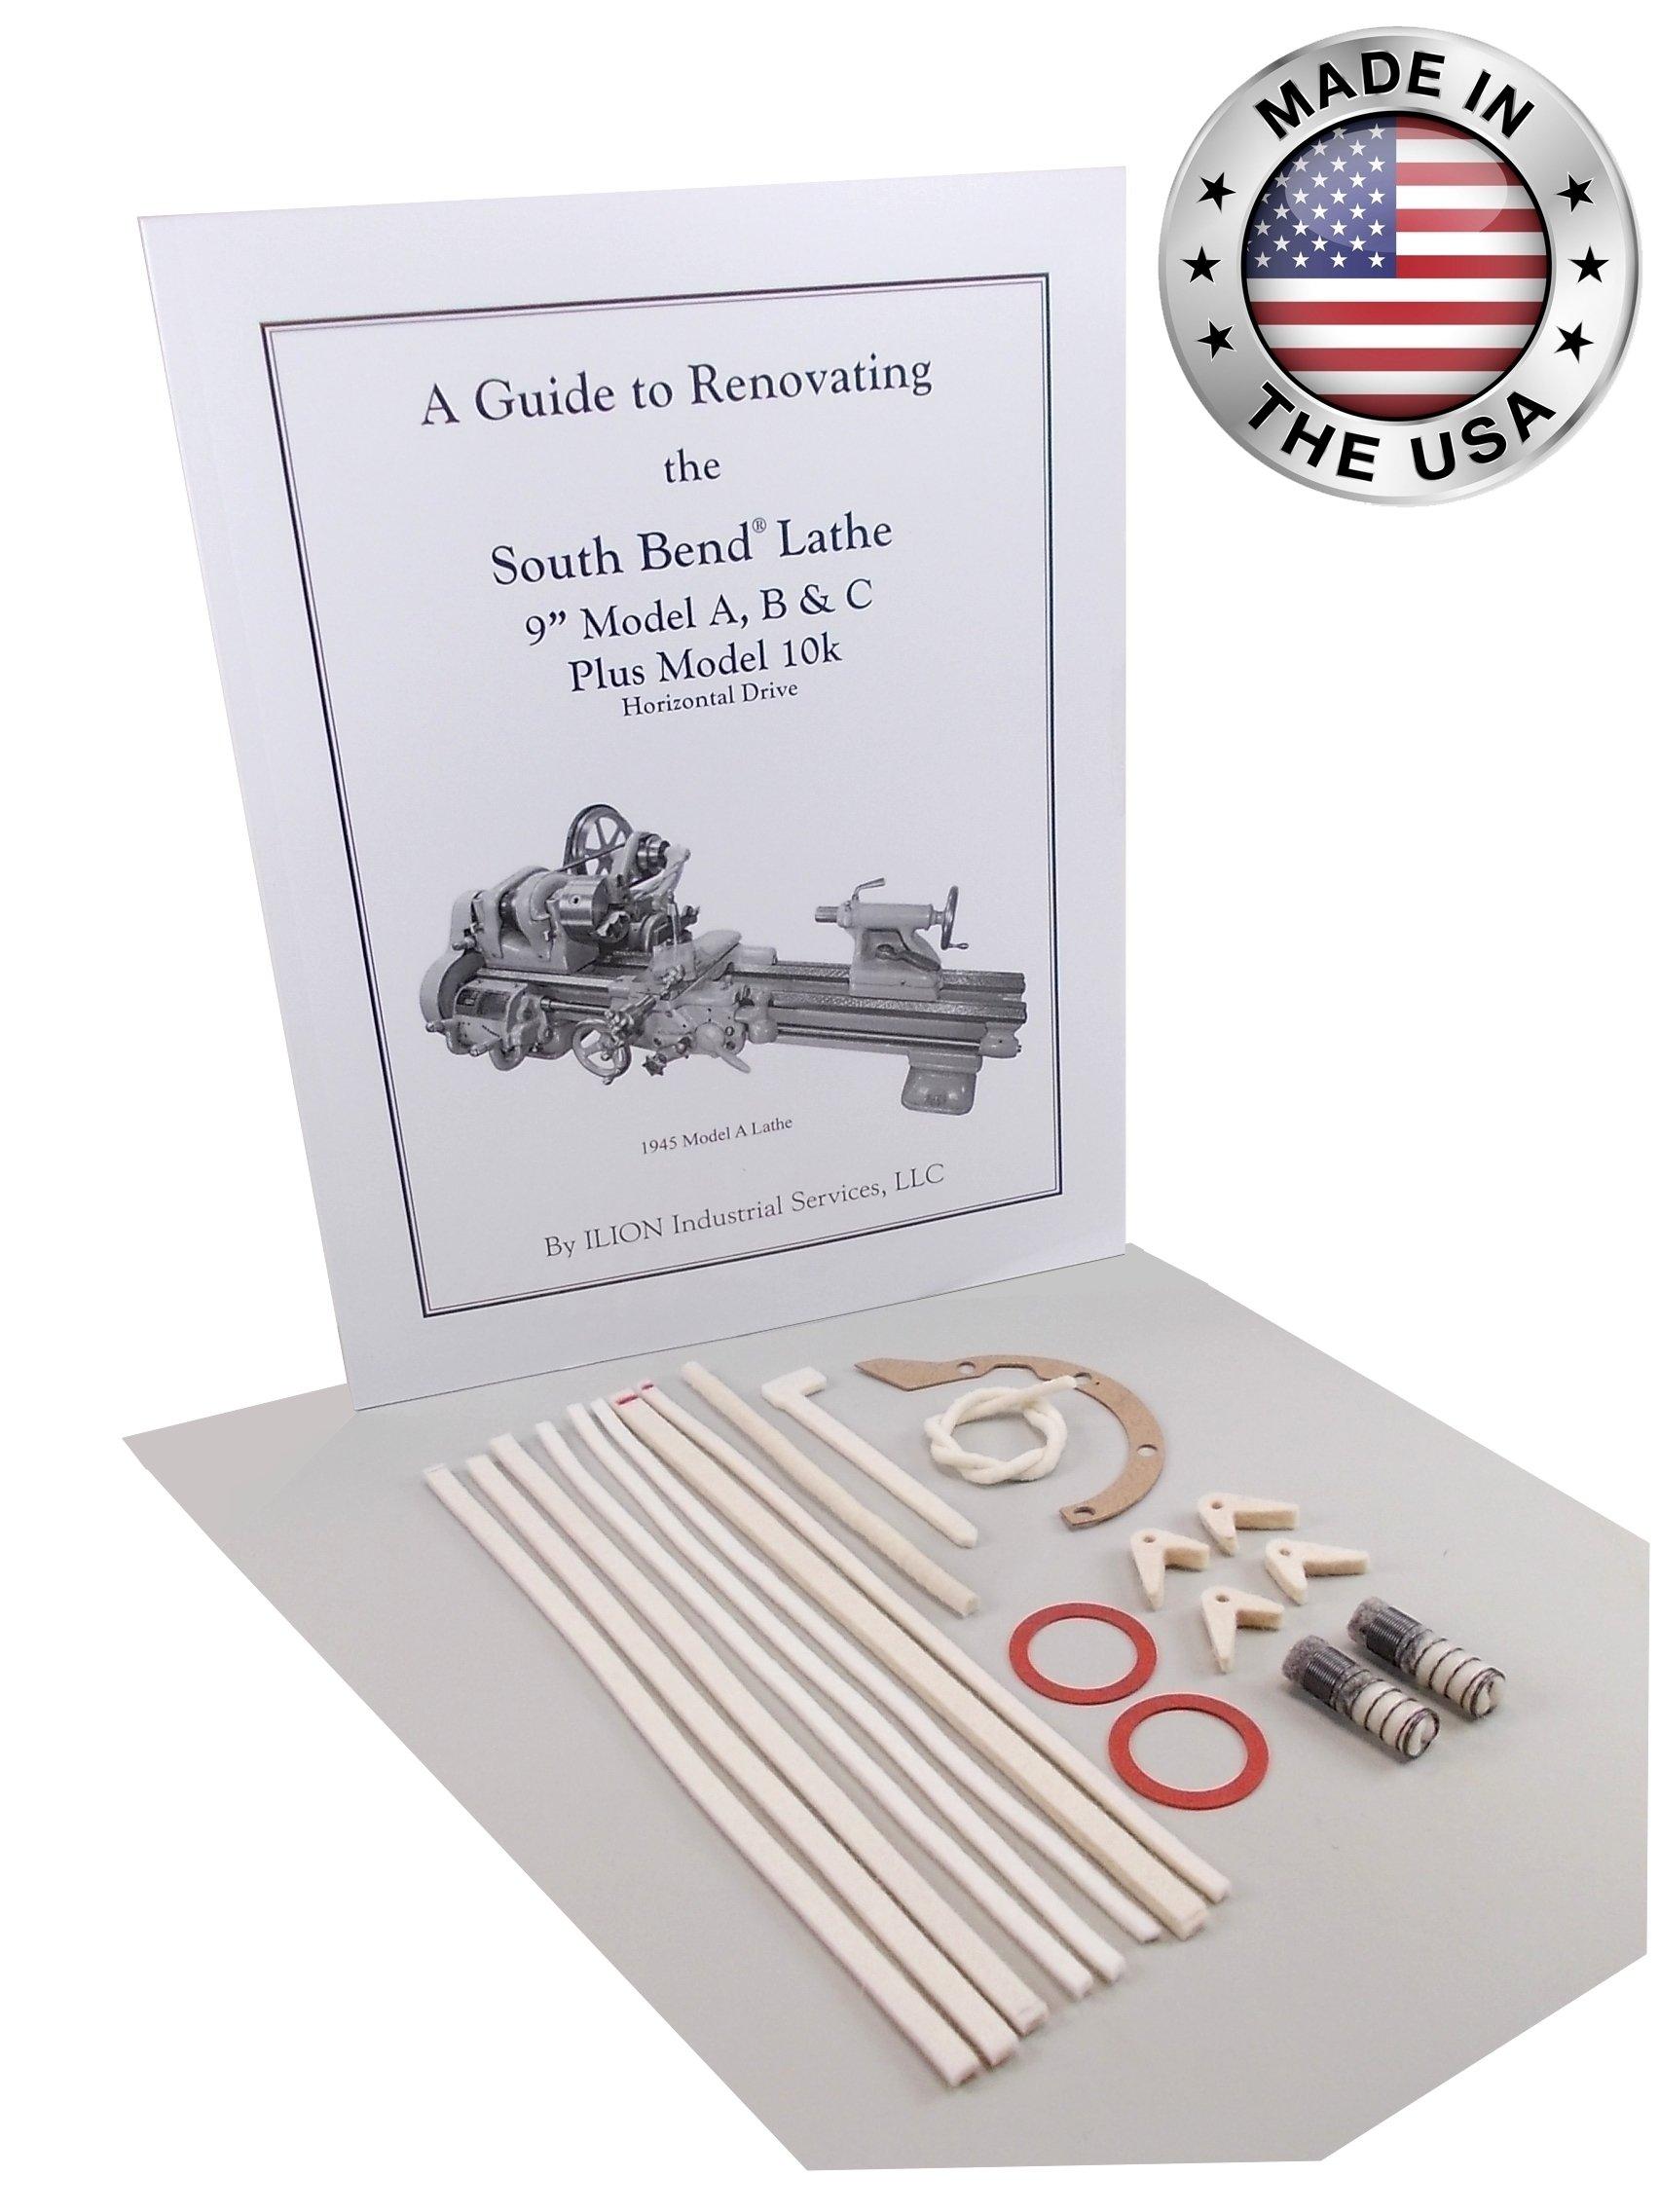 South Bend Lathe Rebuild Kit - 9'' Model A, B & C